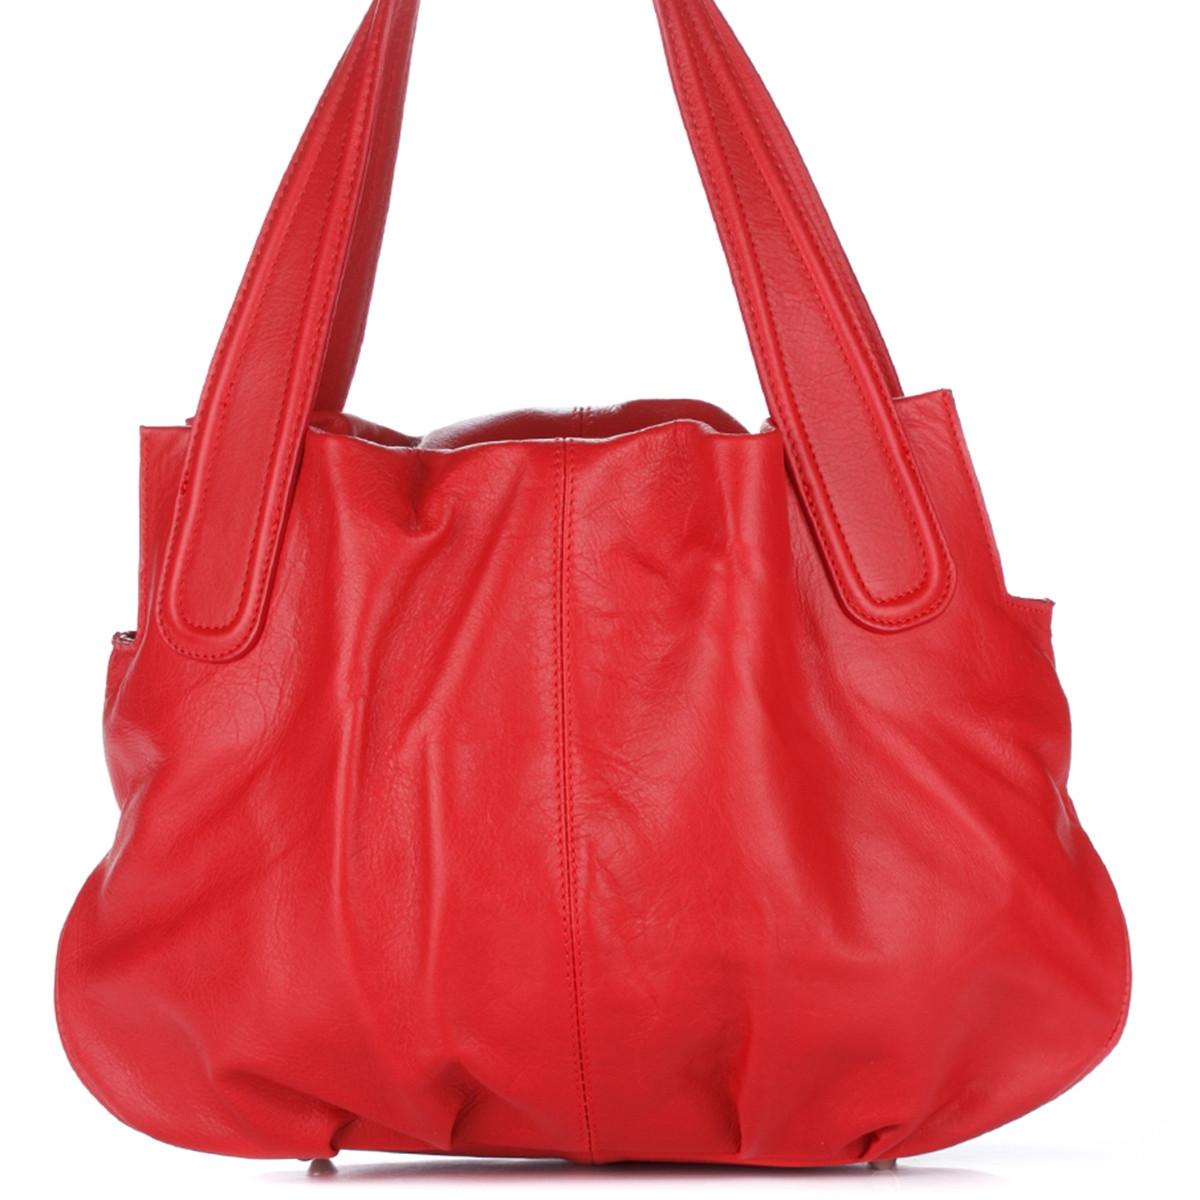 Женская кожаная сумка 8216 красного цвета Италия